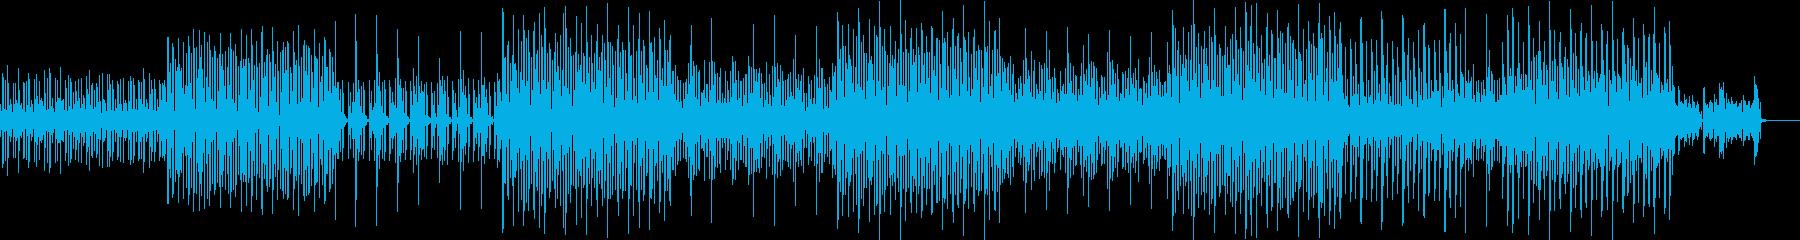 動画 サスペンス 繰り返しの ハイ...の再生済みの波形